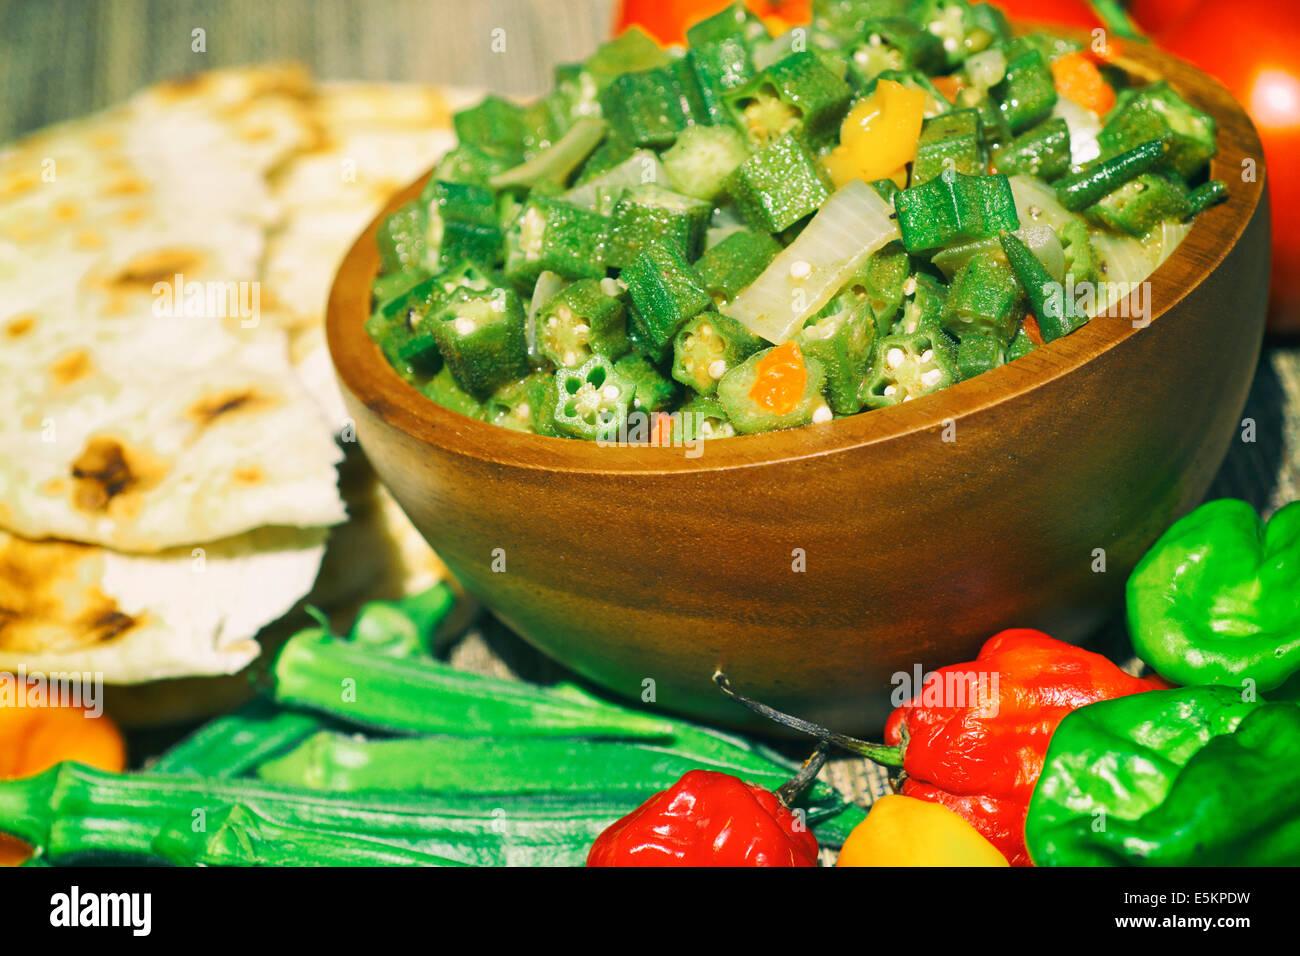 L'Okra cuit, plat avec du pain naan Photo Stock